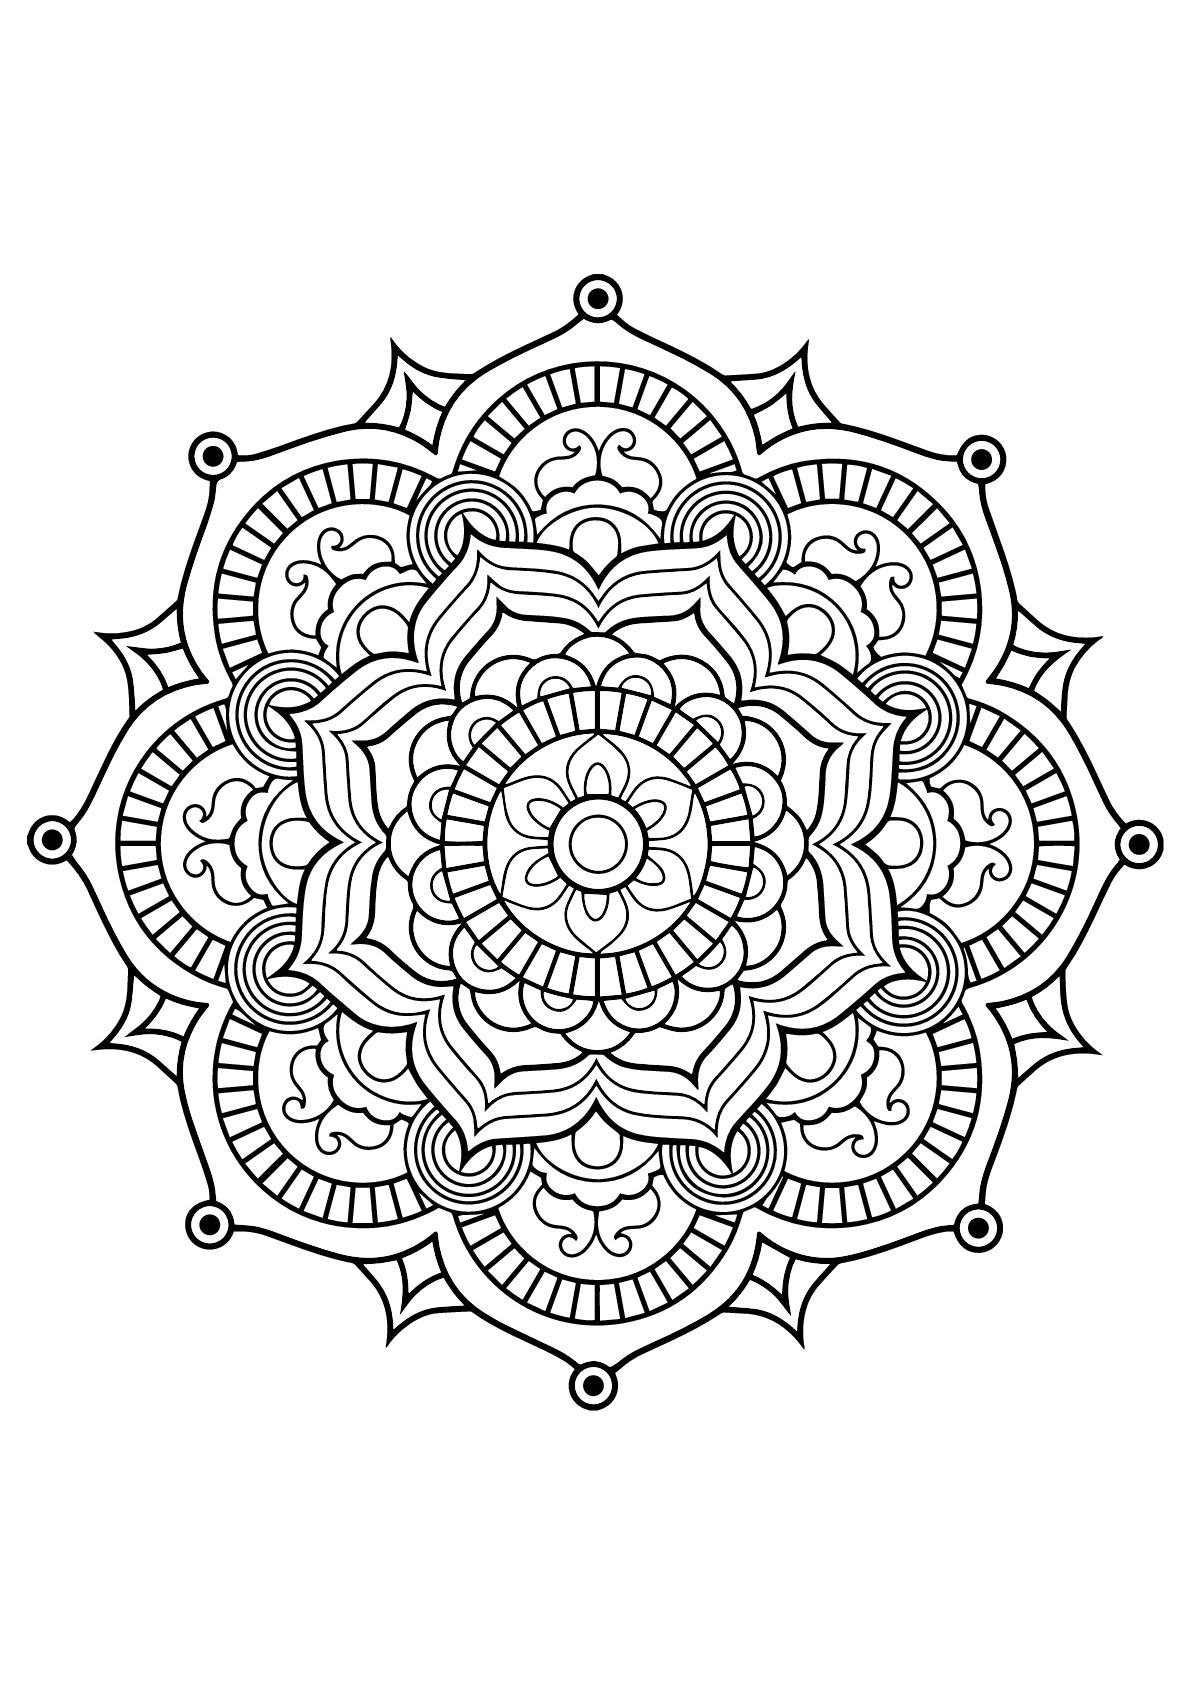 Mandala Livre Gratuit 8 - Mandalas - Coloriages Difficiles destiné Livre Coloriage Adulte